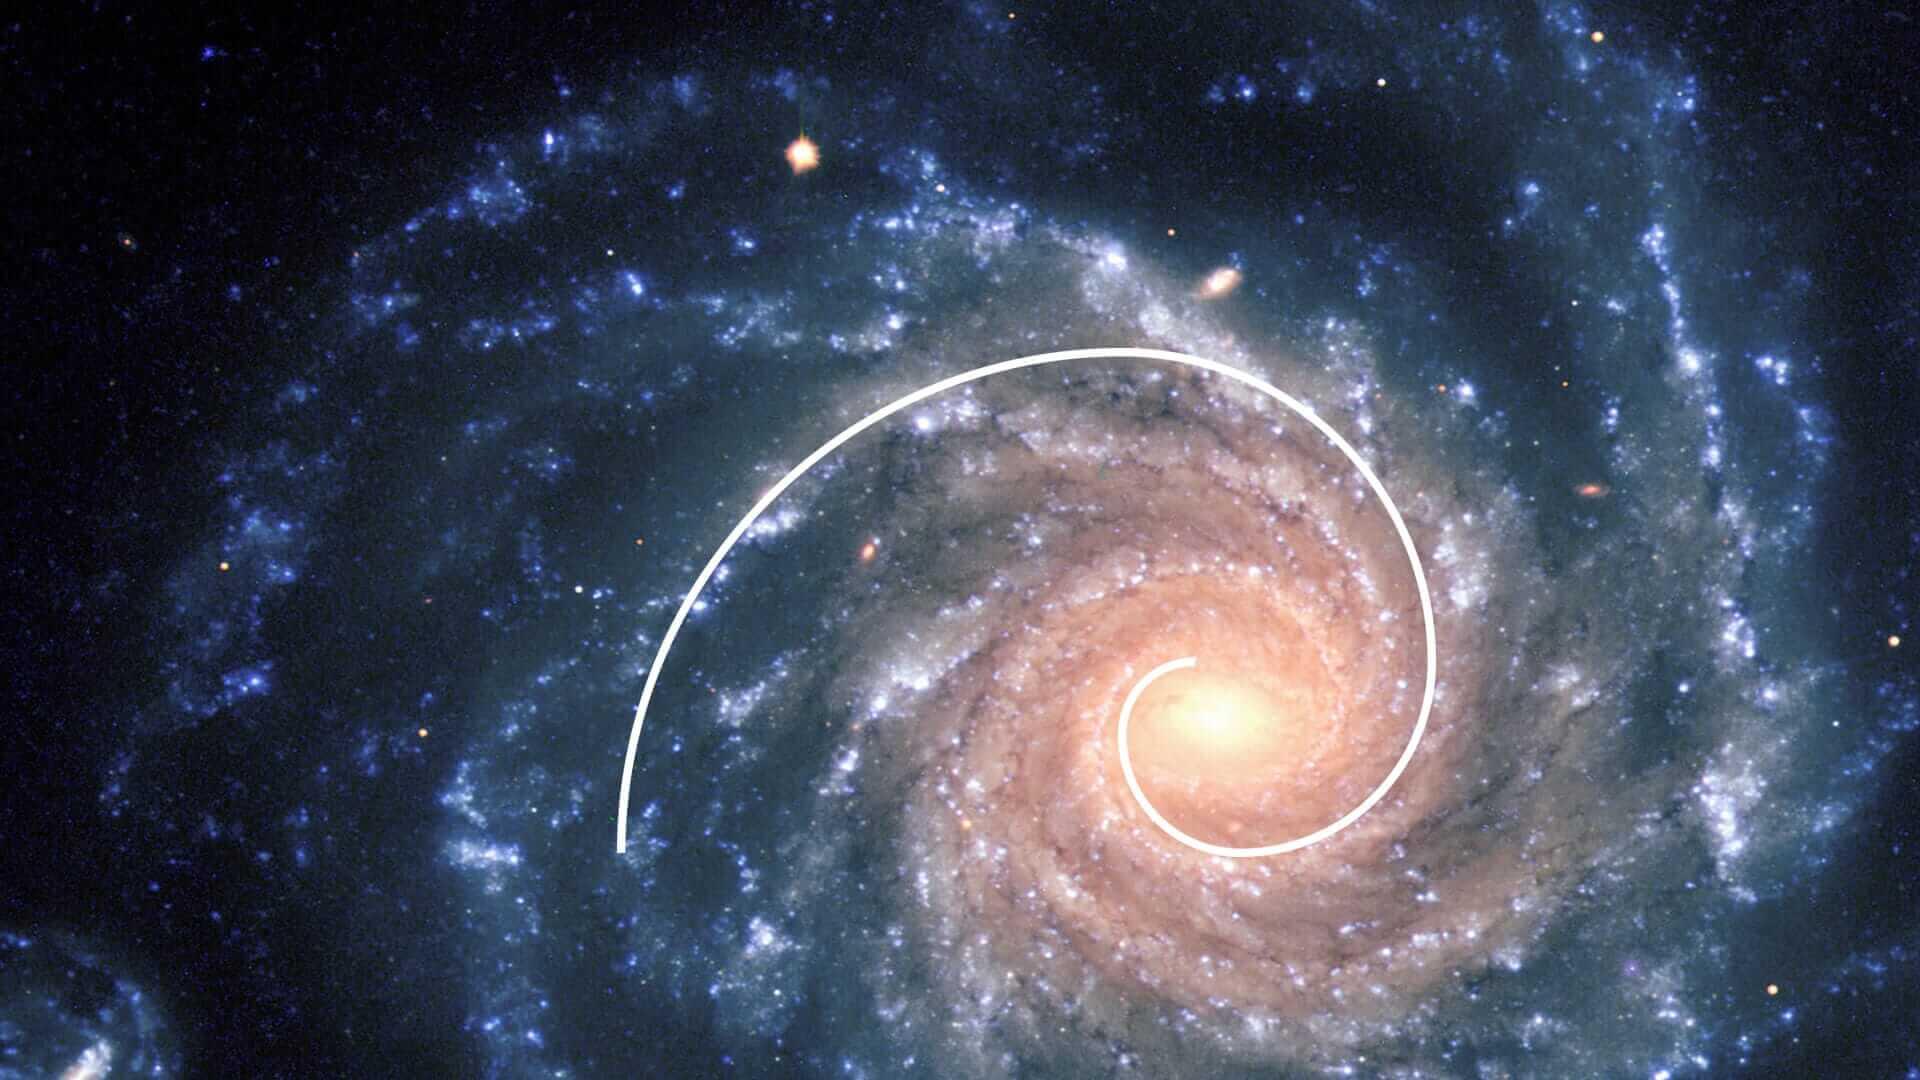 la spirale della golden ratio fotografata in una galassia